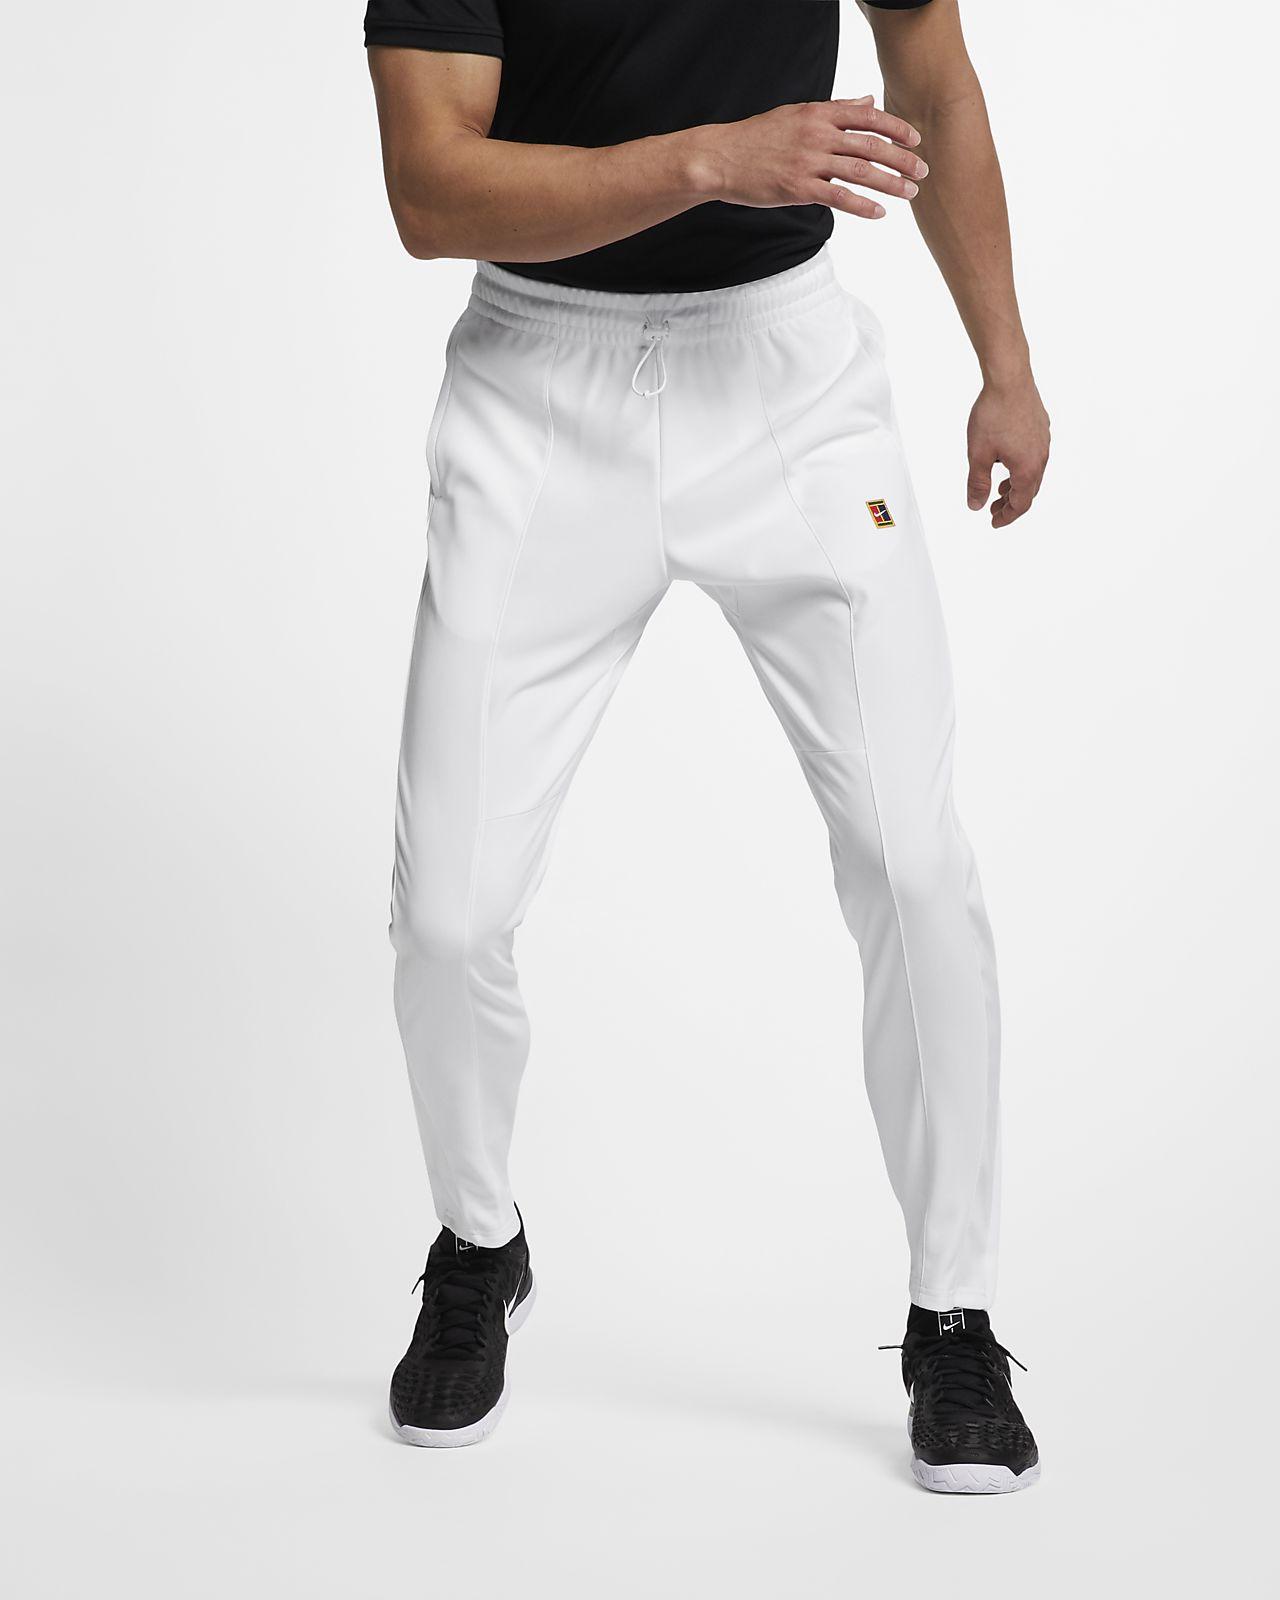 Pánské tenisové tepláky NikeCourt